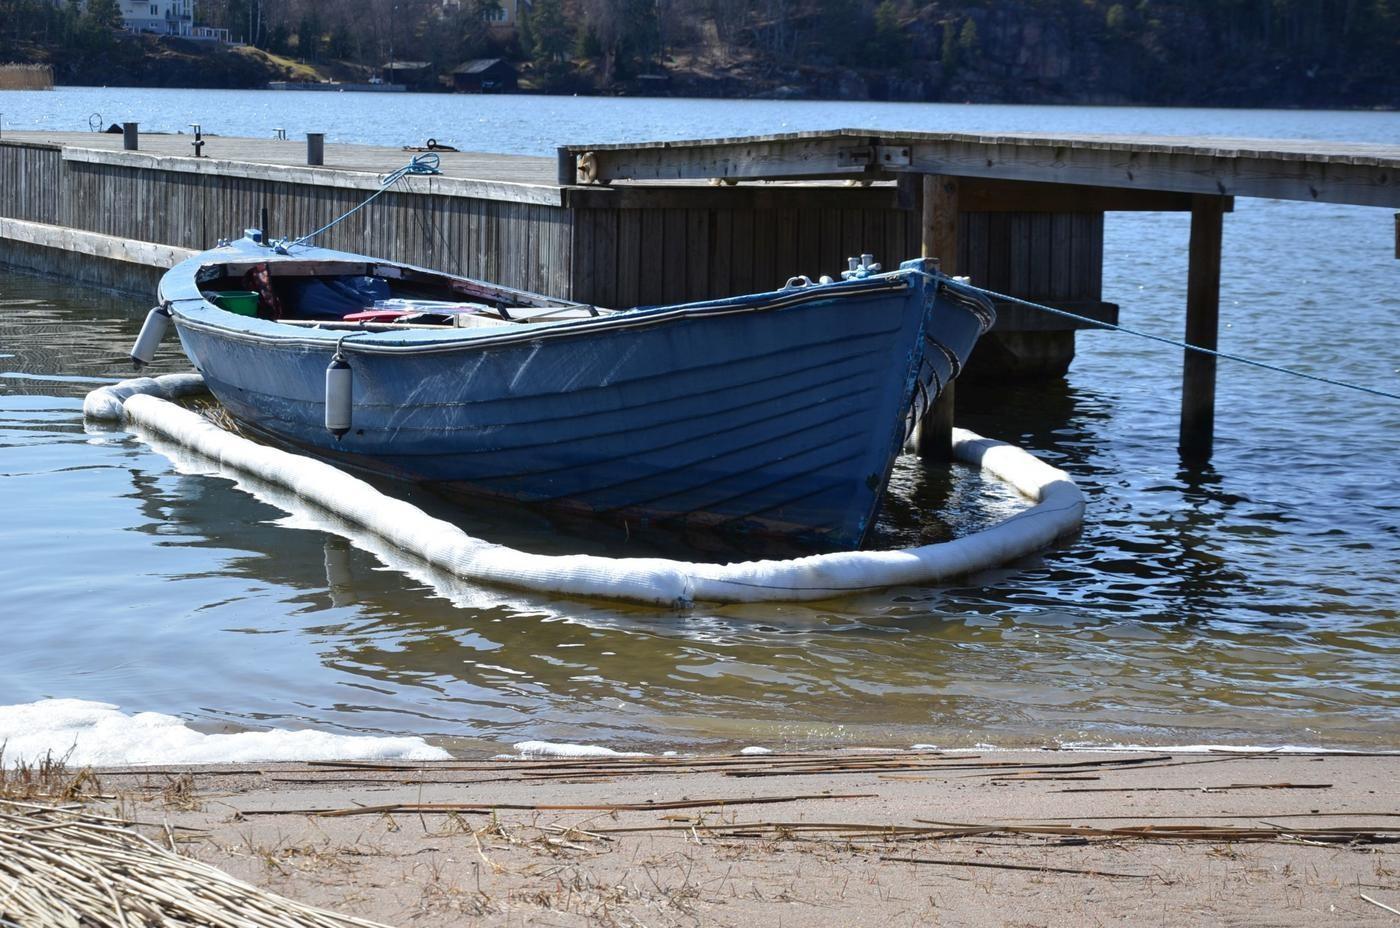 en öppen, blå båt vid en brygga